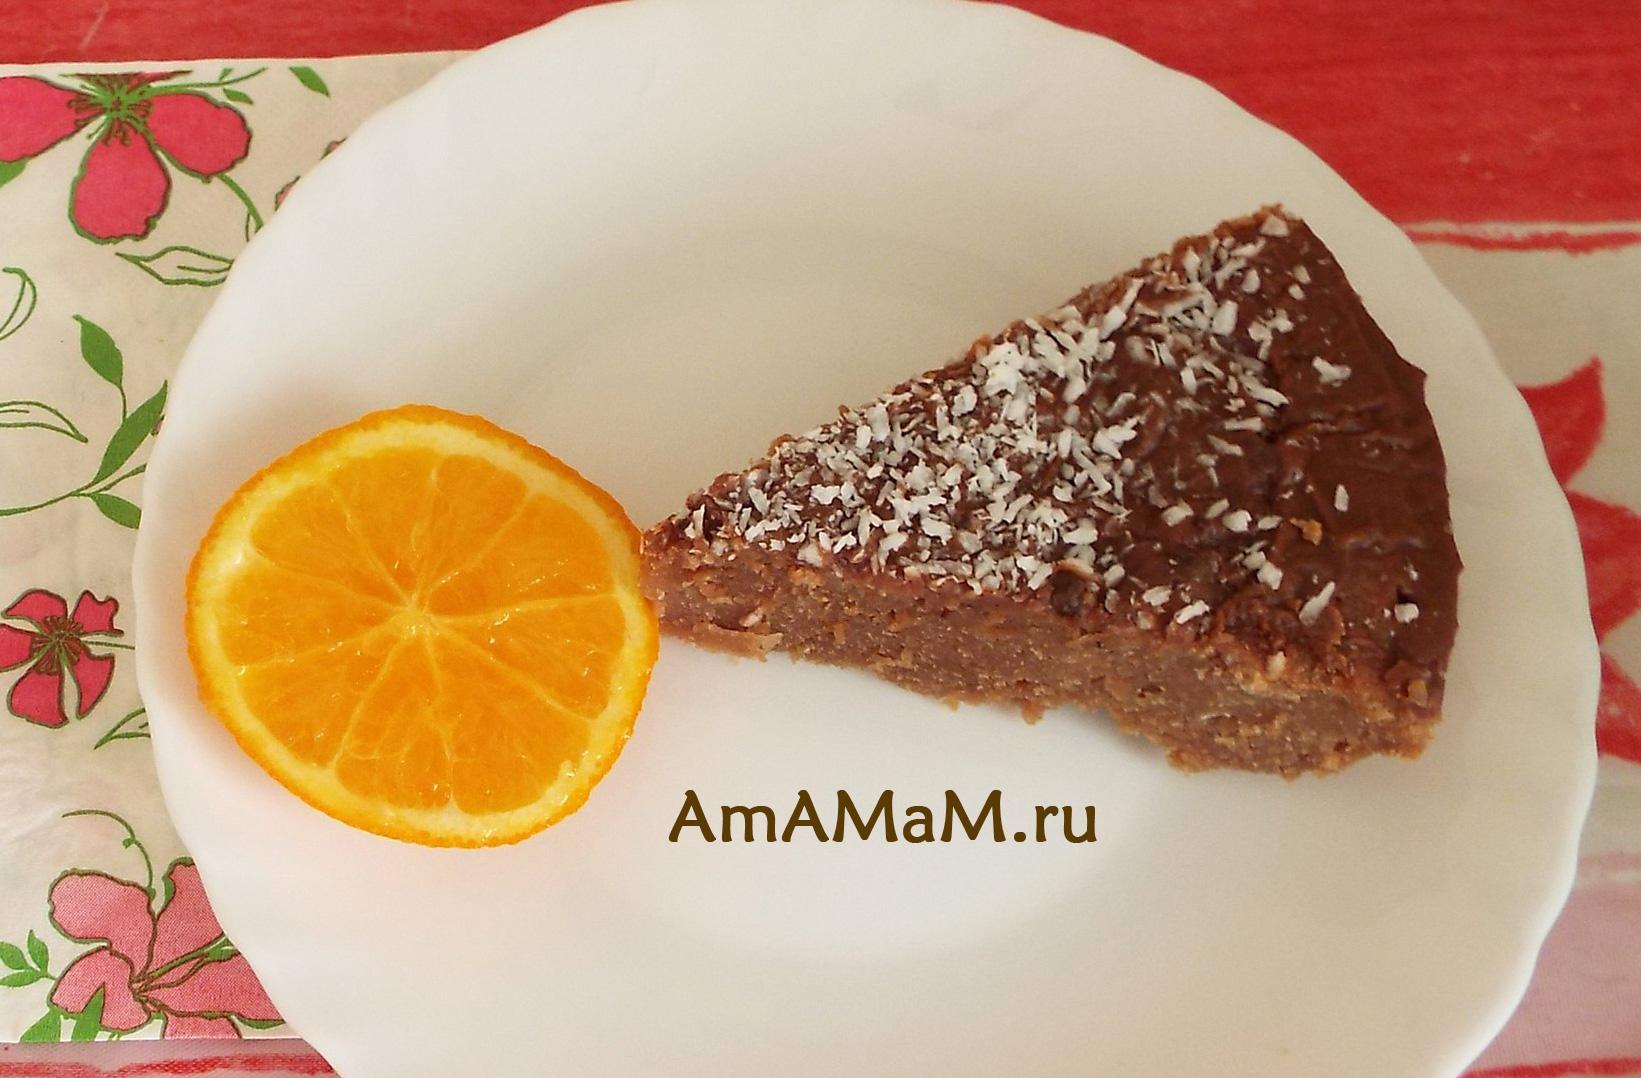 Кусочек пирога на молочном шоколаде с топленым молоком